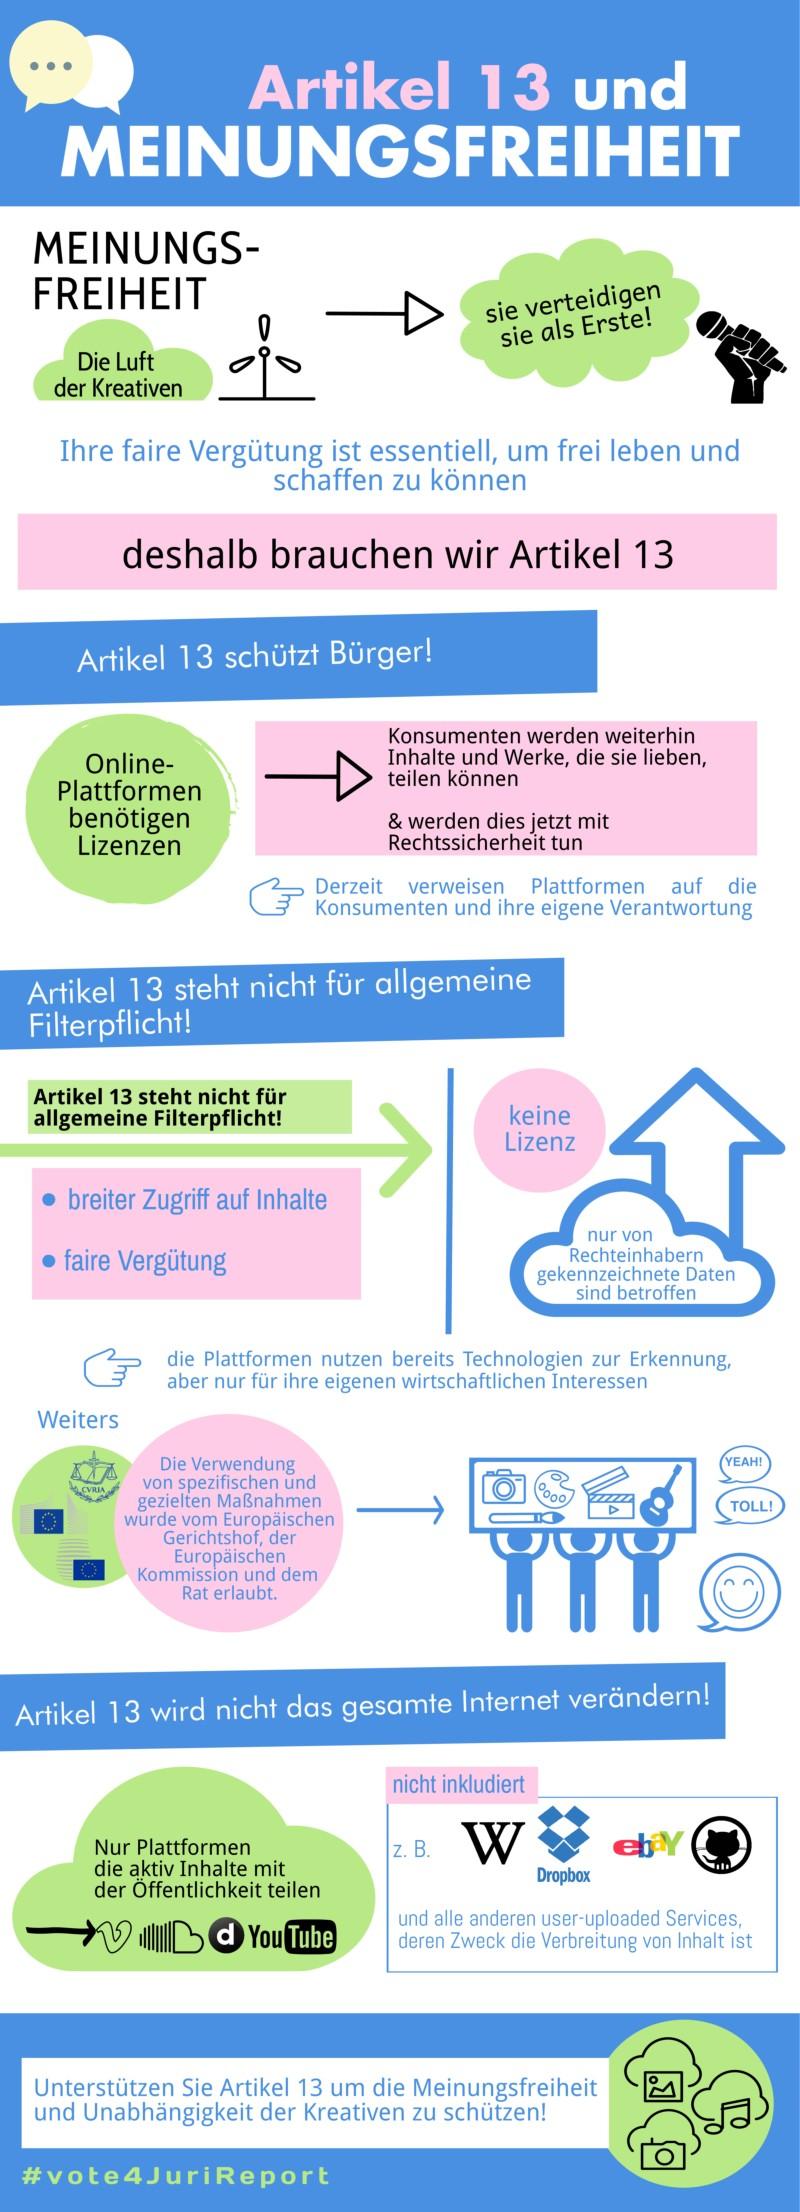 Folder zur Urheberrechts-Richtlinie